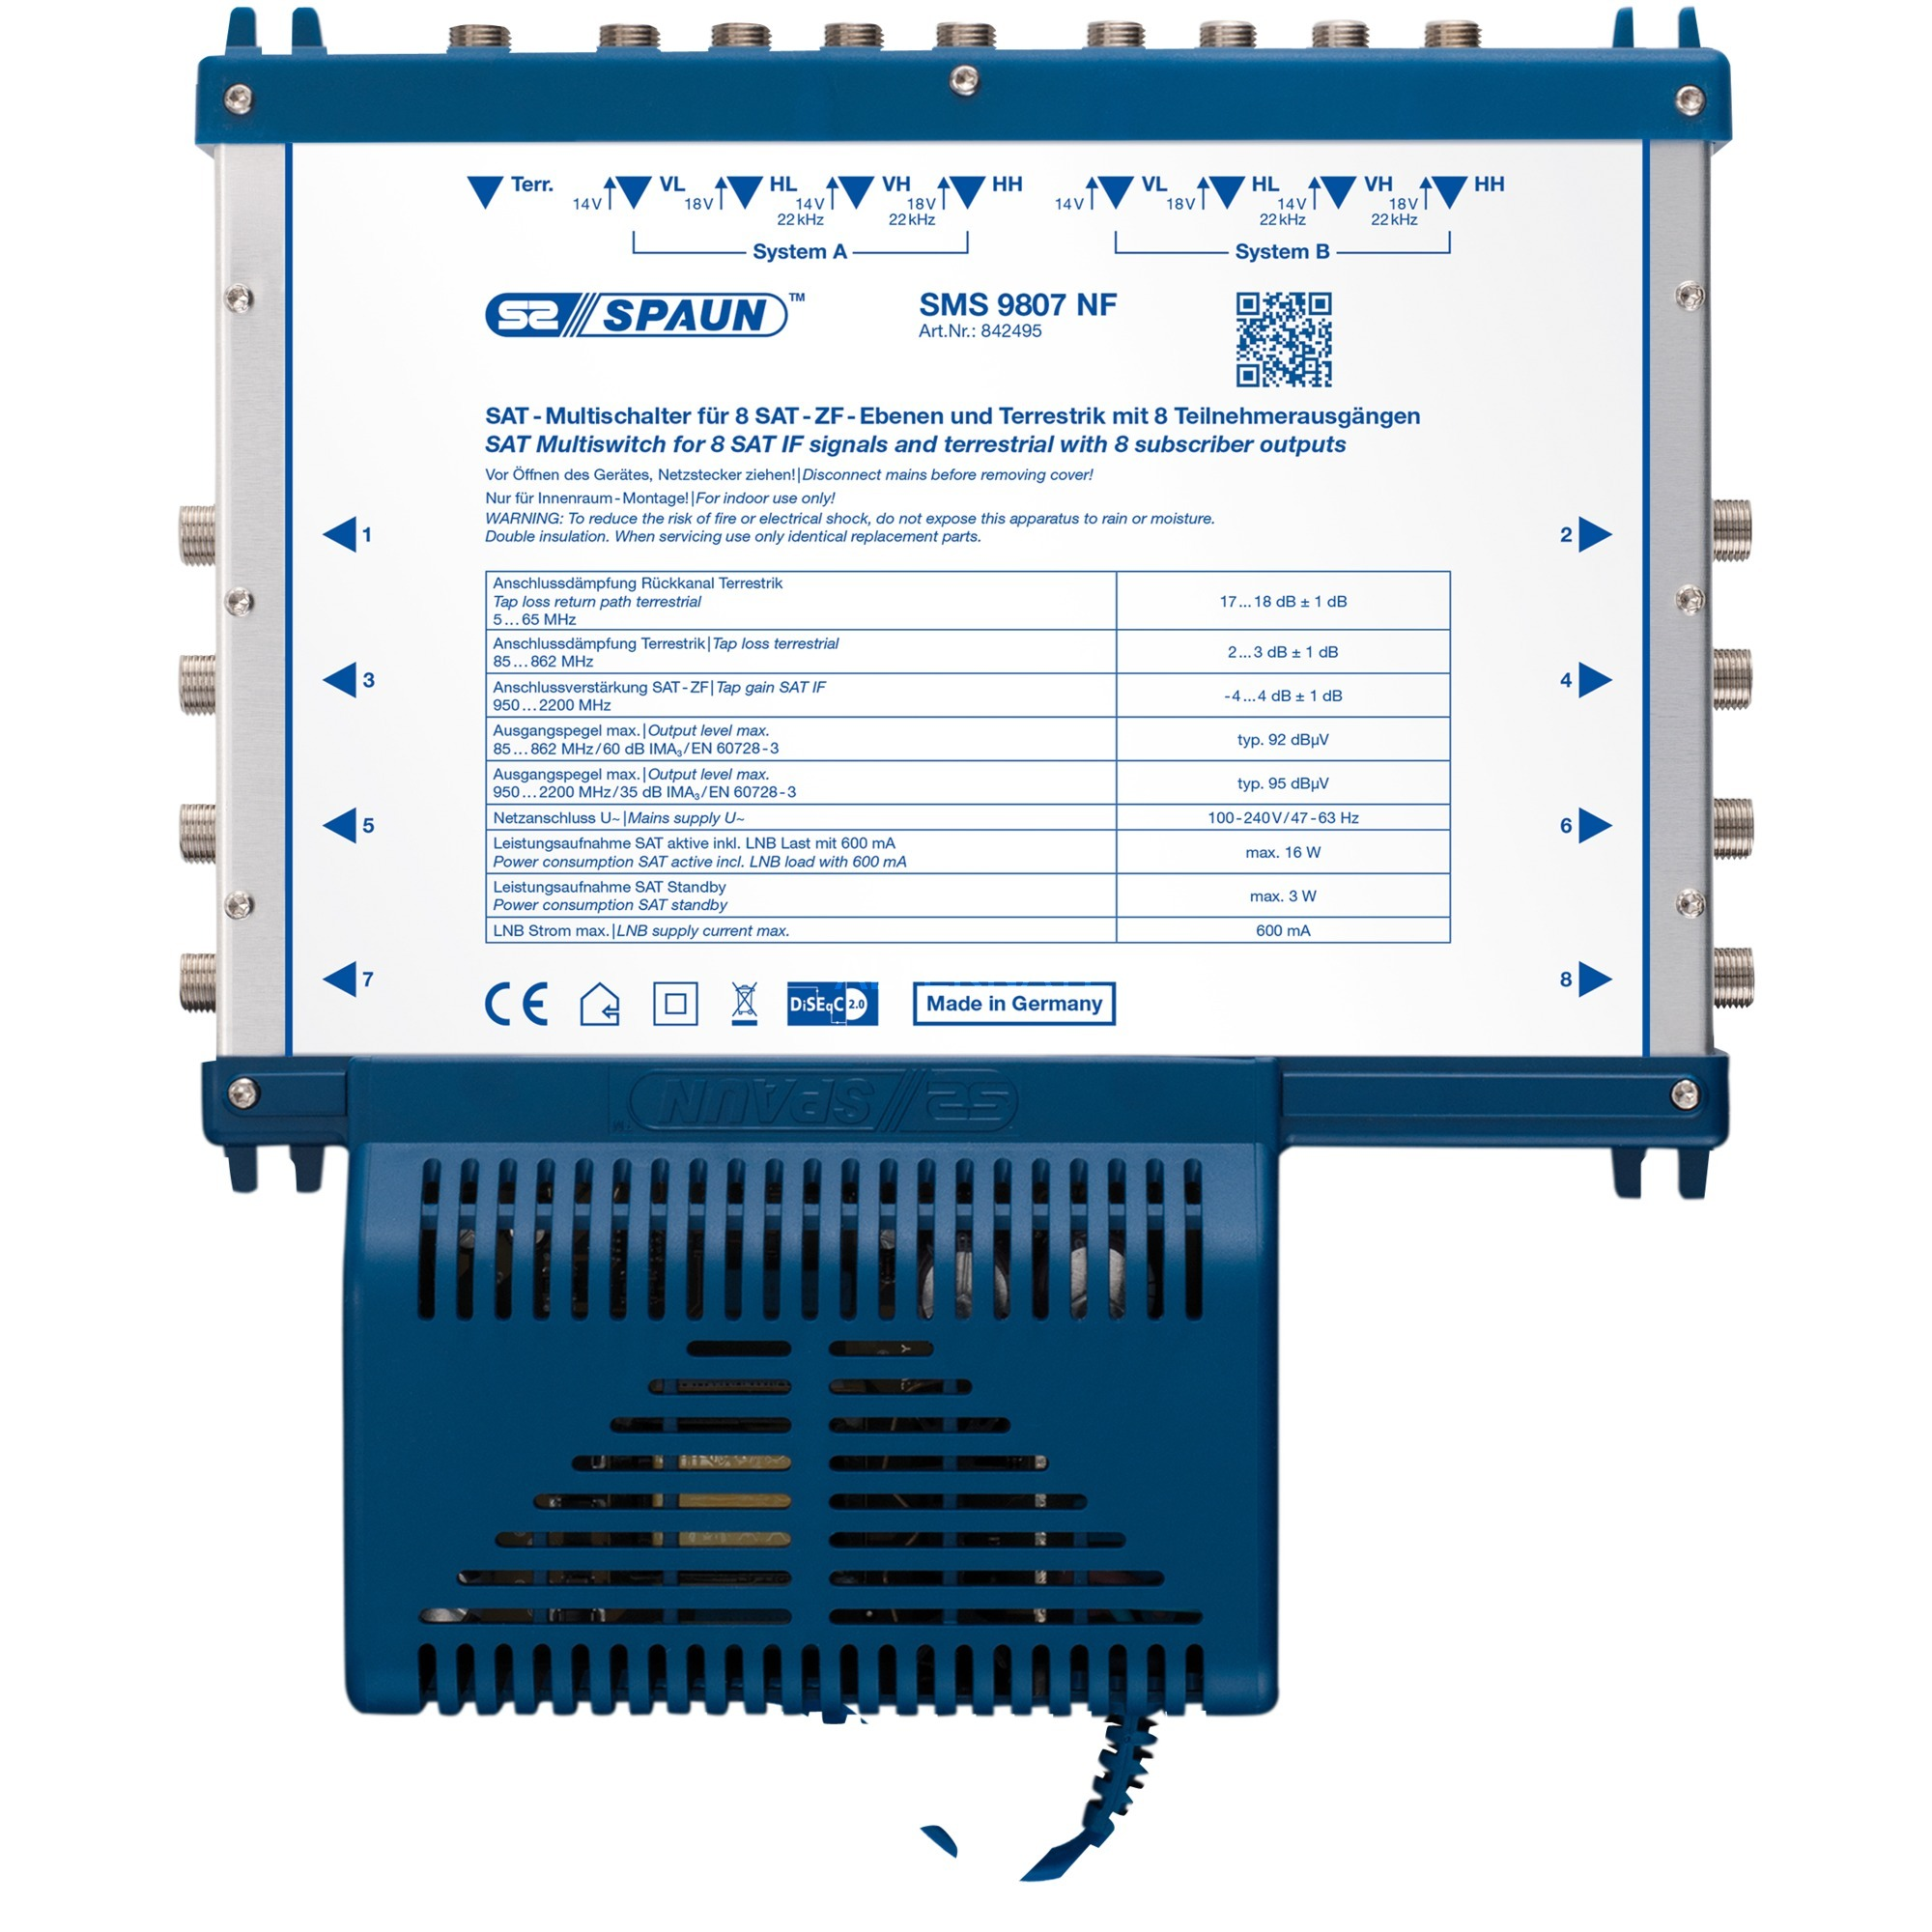 SMS 9807 NF commutateur vidéo, Multi commutateur